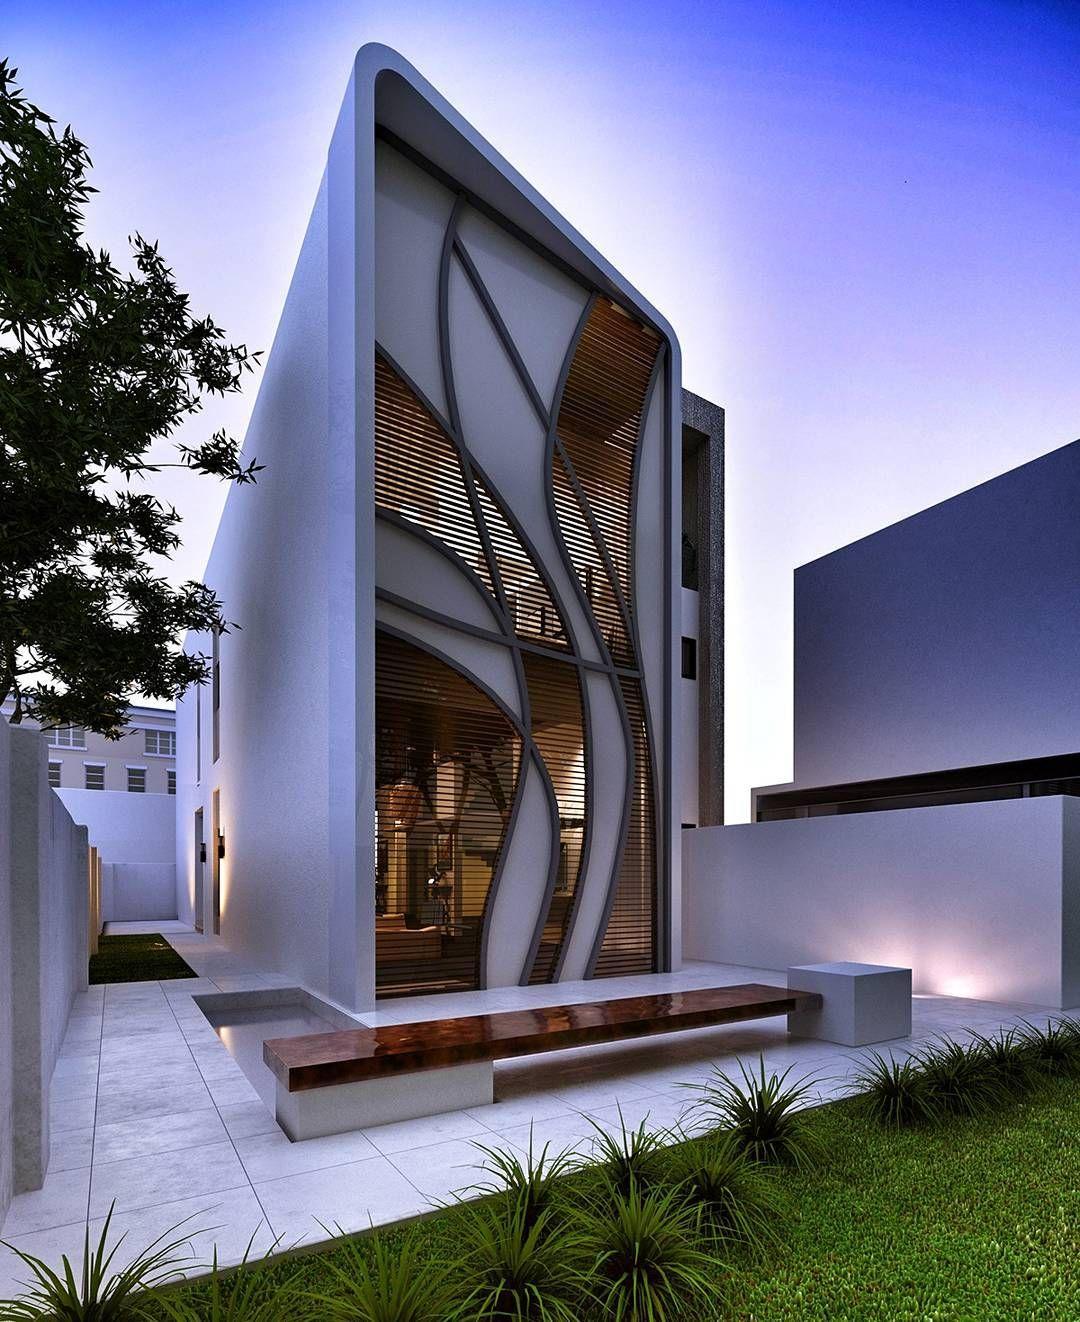 Amazing Architecture Magazine: Consulta Esta Foto De Instagram De @amazing.architecture